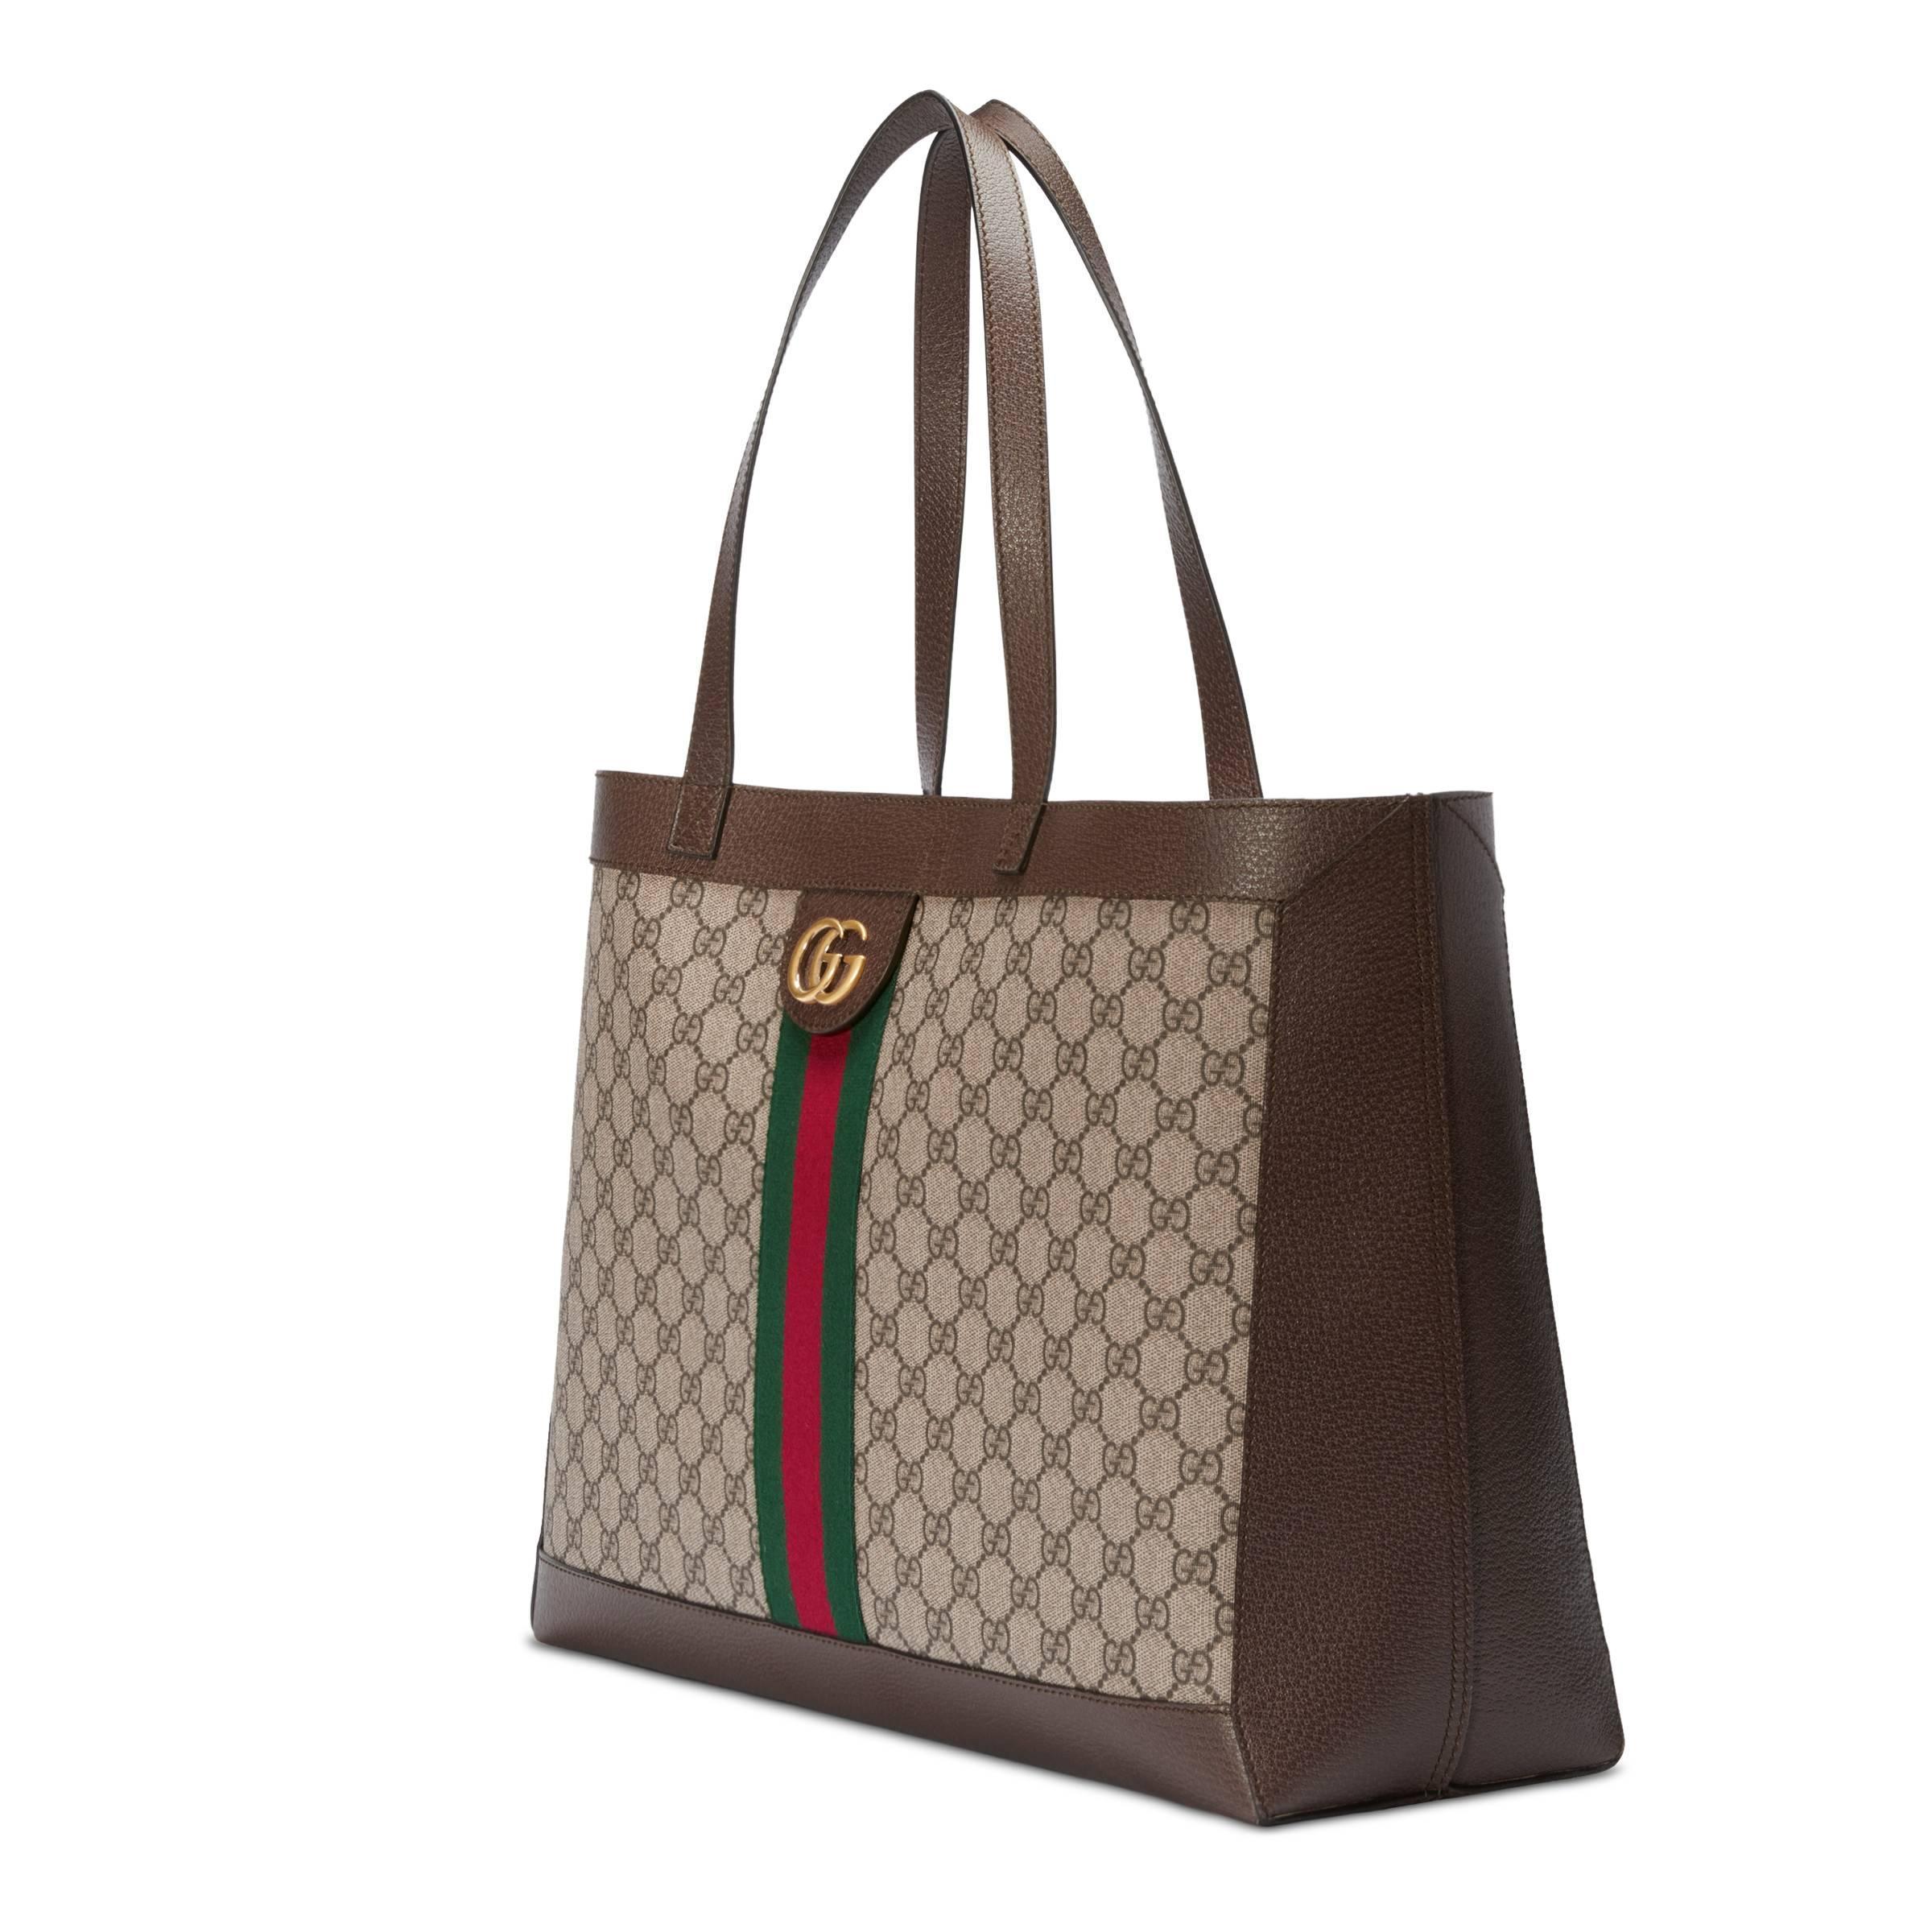 1add4baaa Gucci - Multicolor Tote Ophidia con GG y Tres Cerditos - Lyst. Ver en  pantalla completa